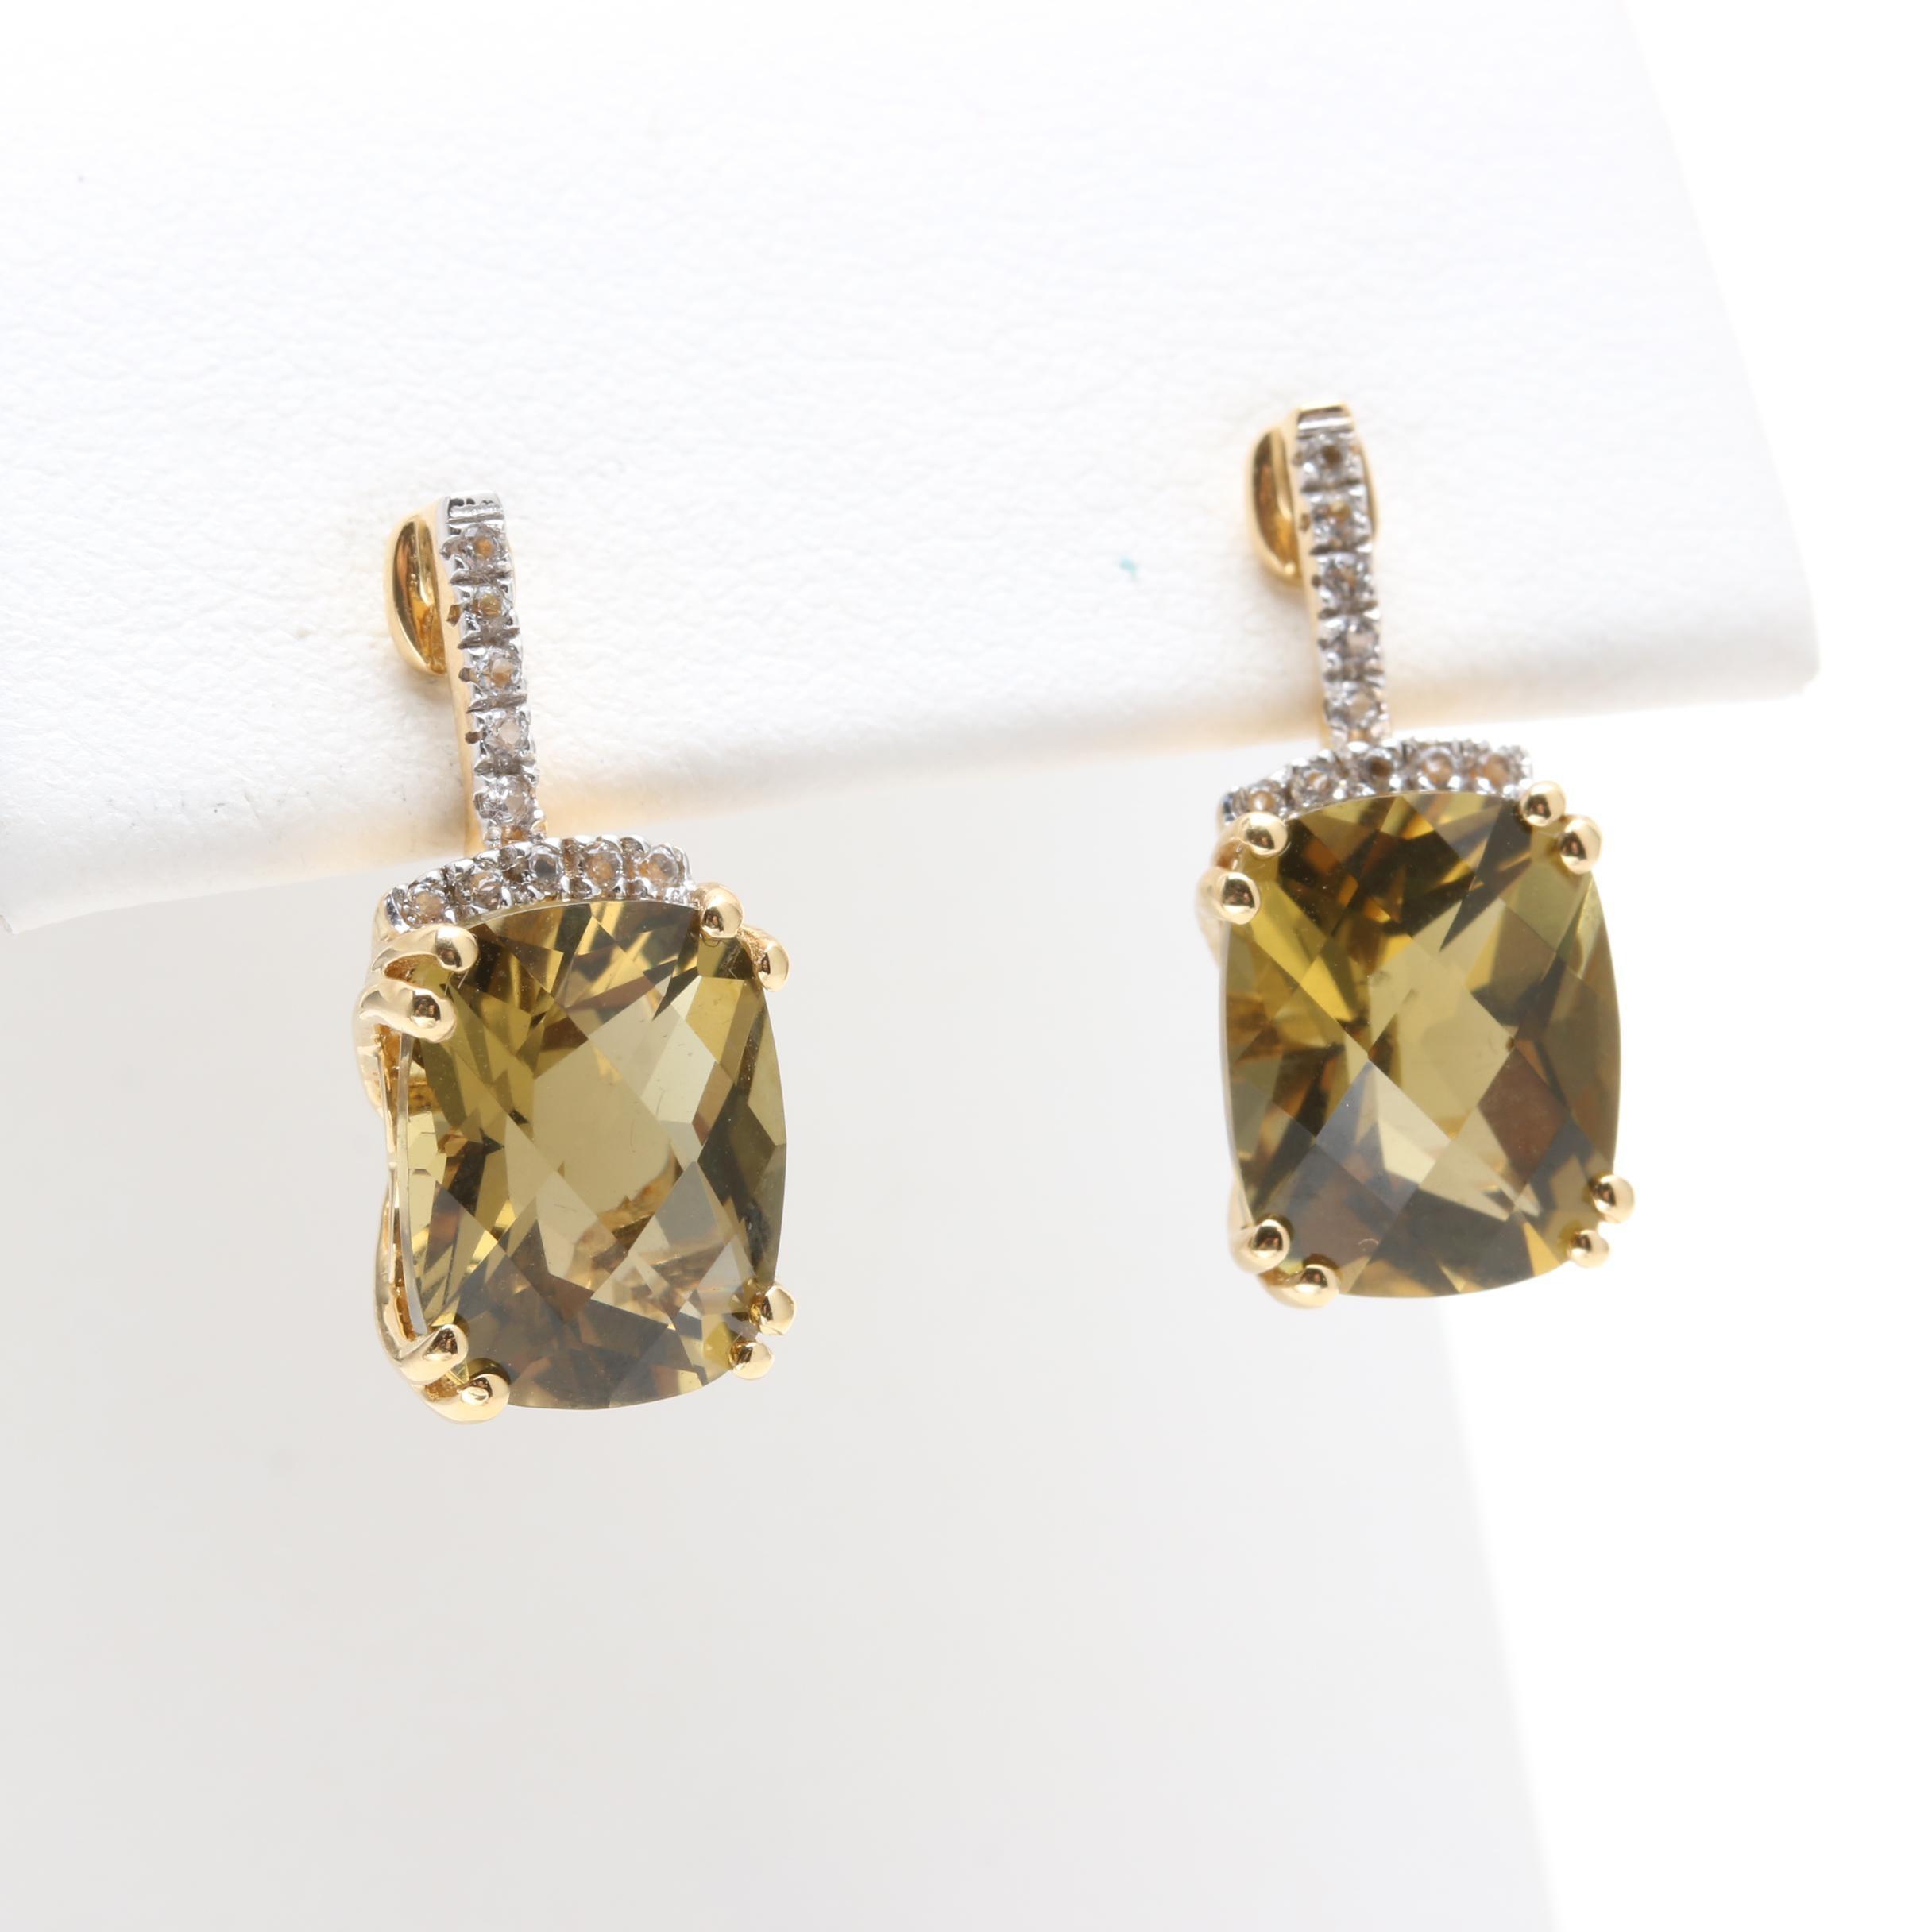 18K Yellow Gold Lemon Citrine and White Topaz Drop Earrings